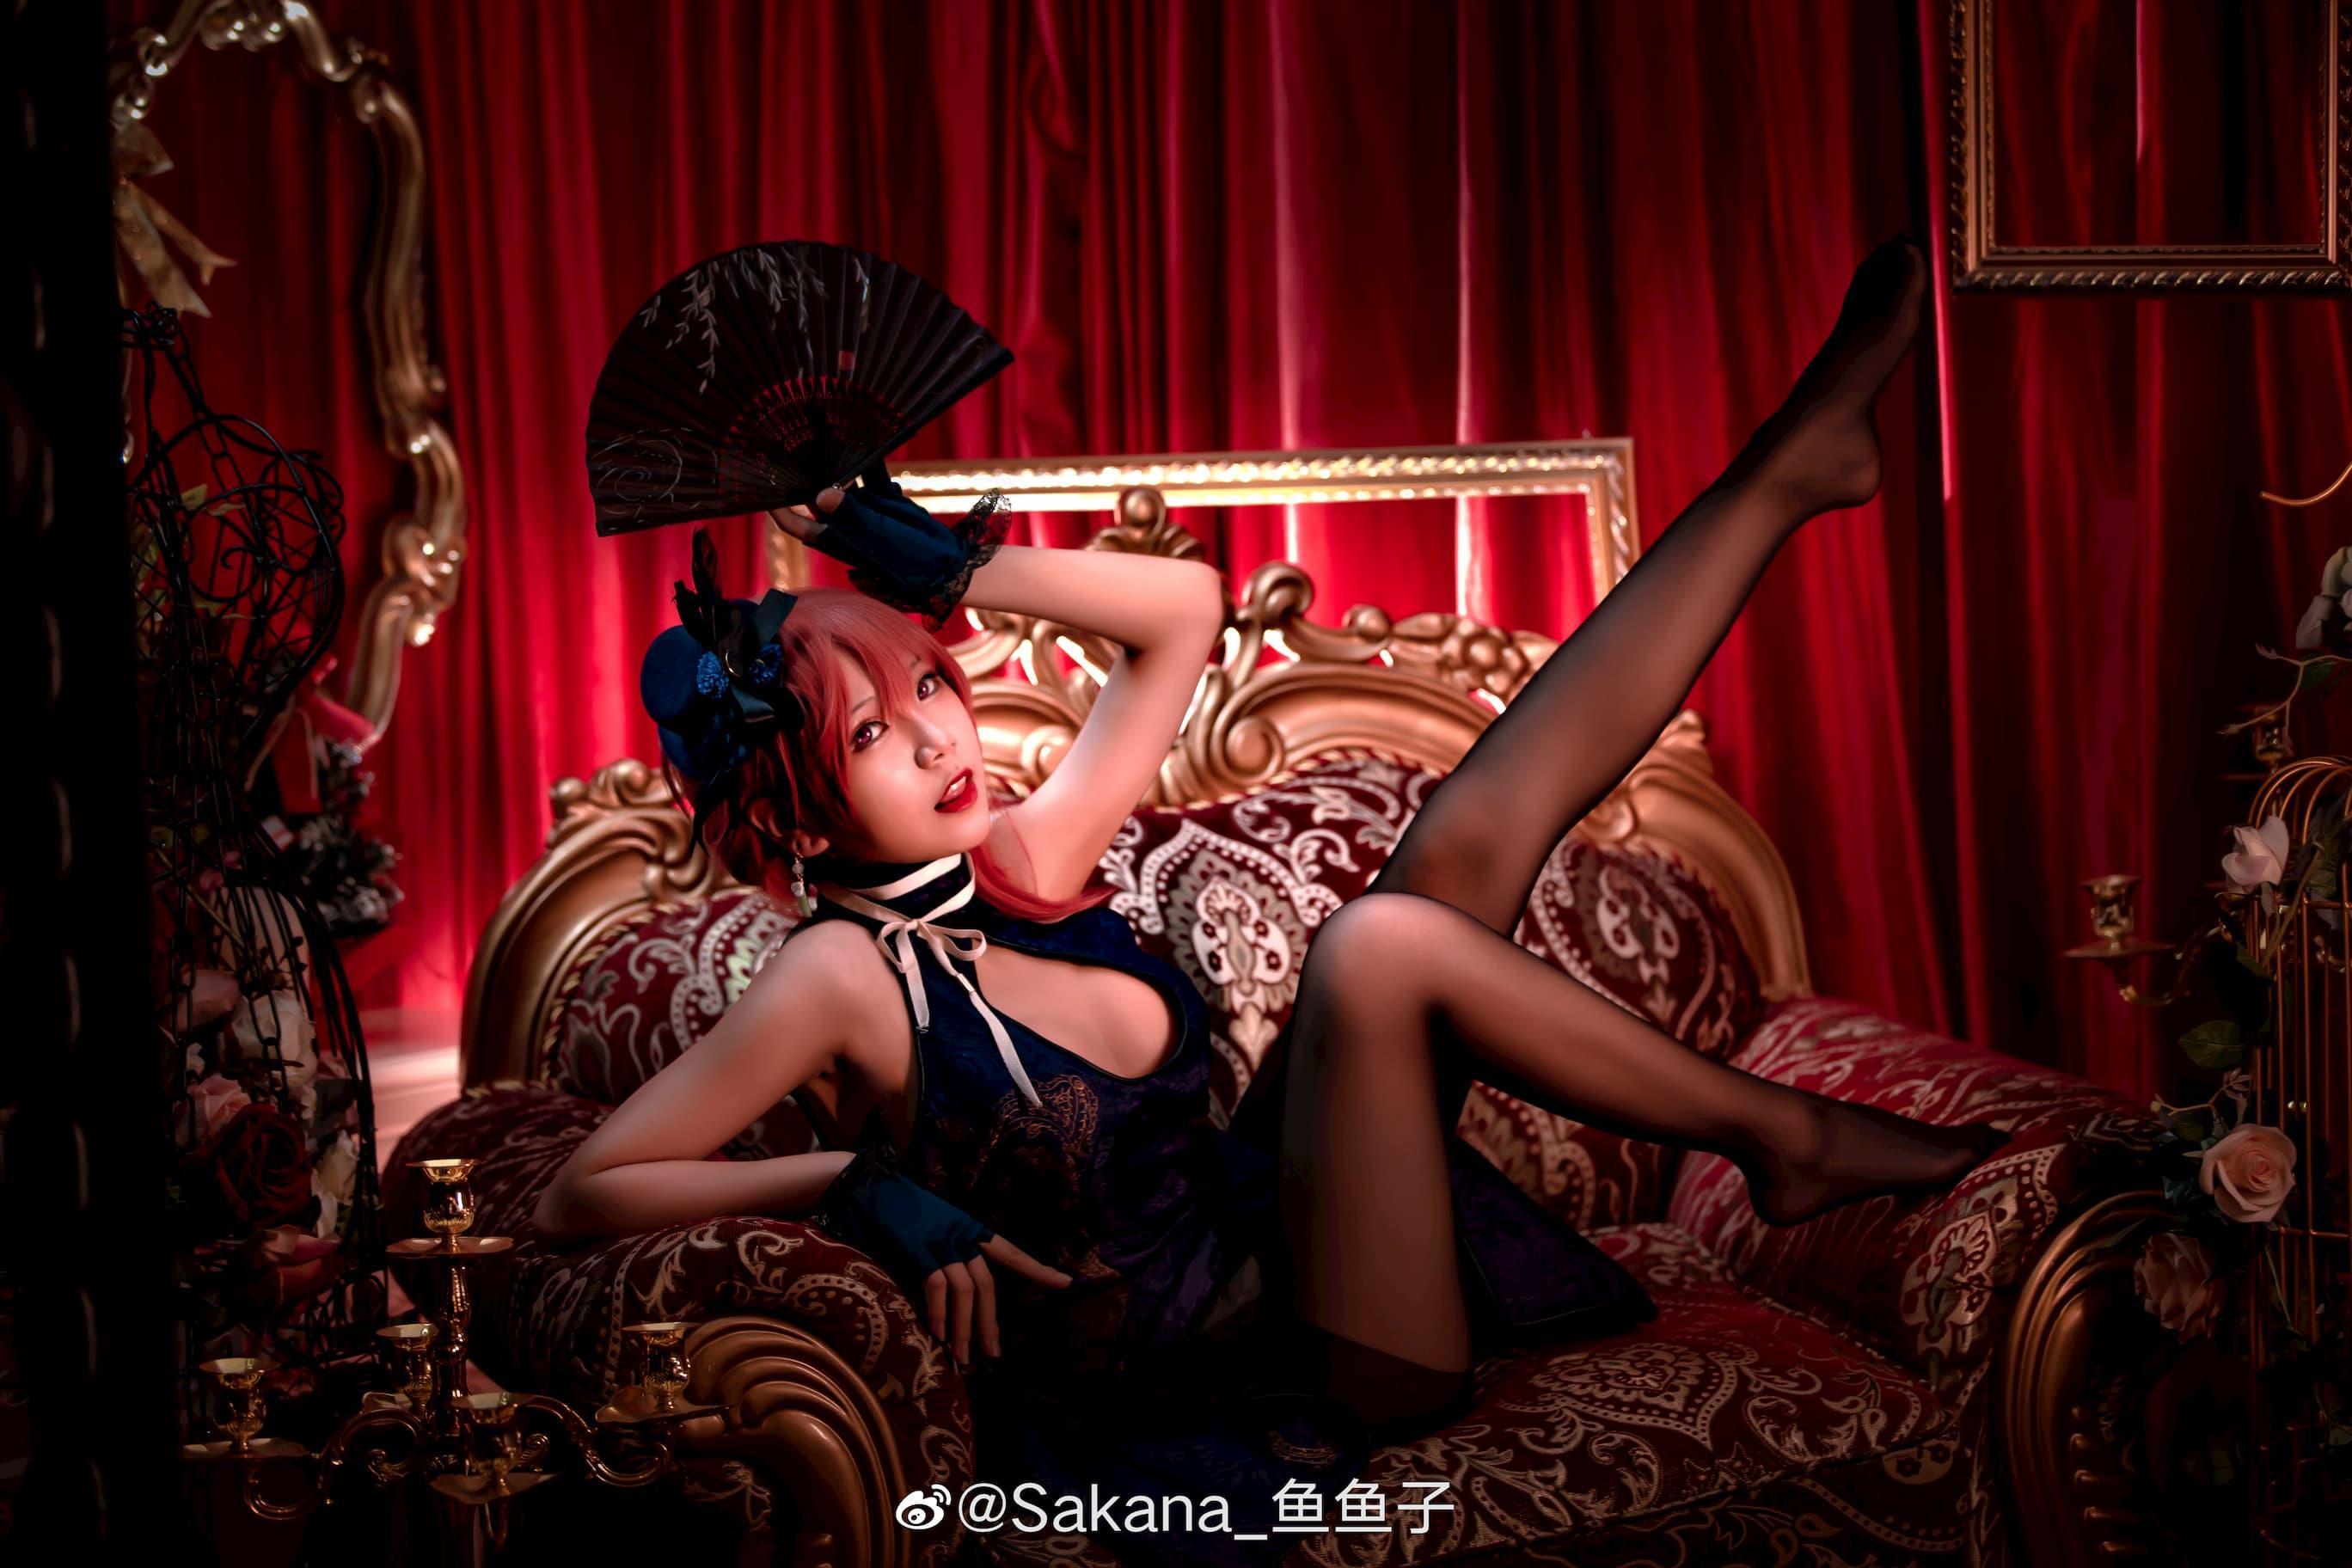 碧藍航線 黑太子·新春旗袍 @Sakana_魚魚子 - COSPLAY -